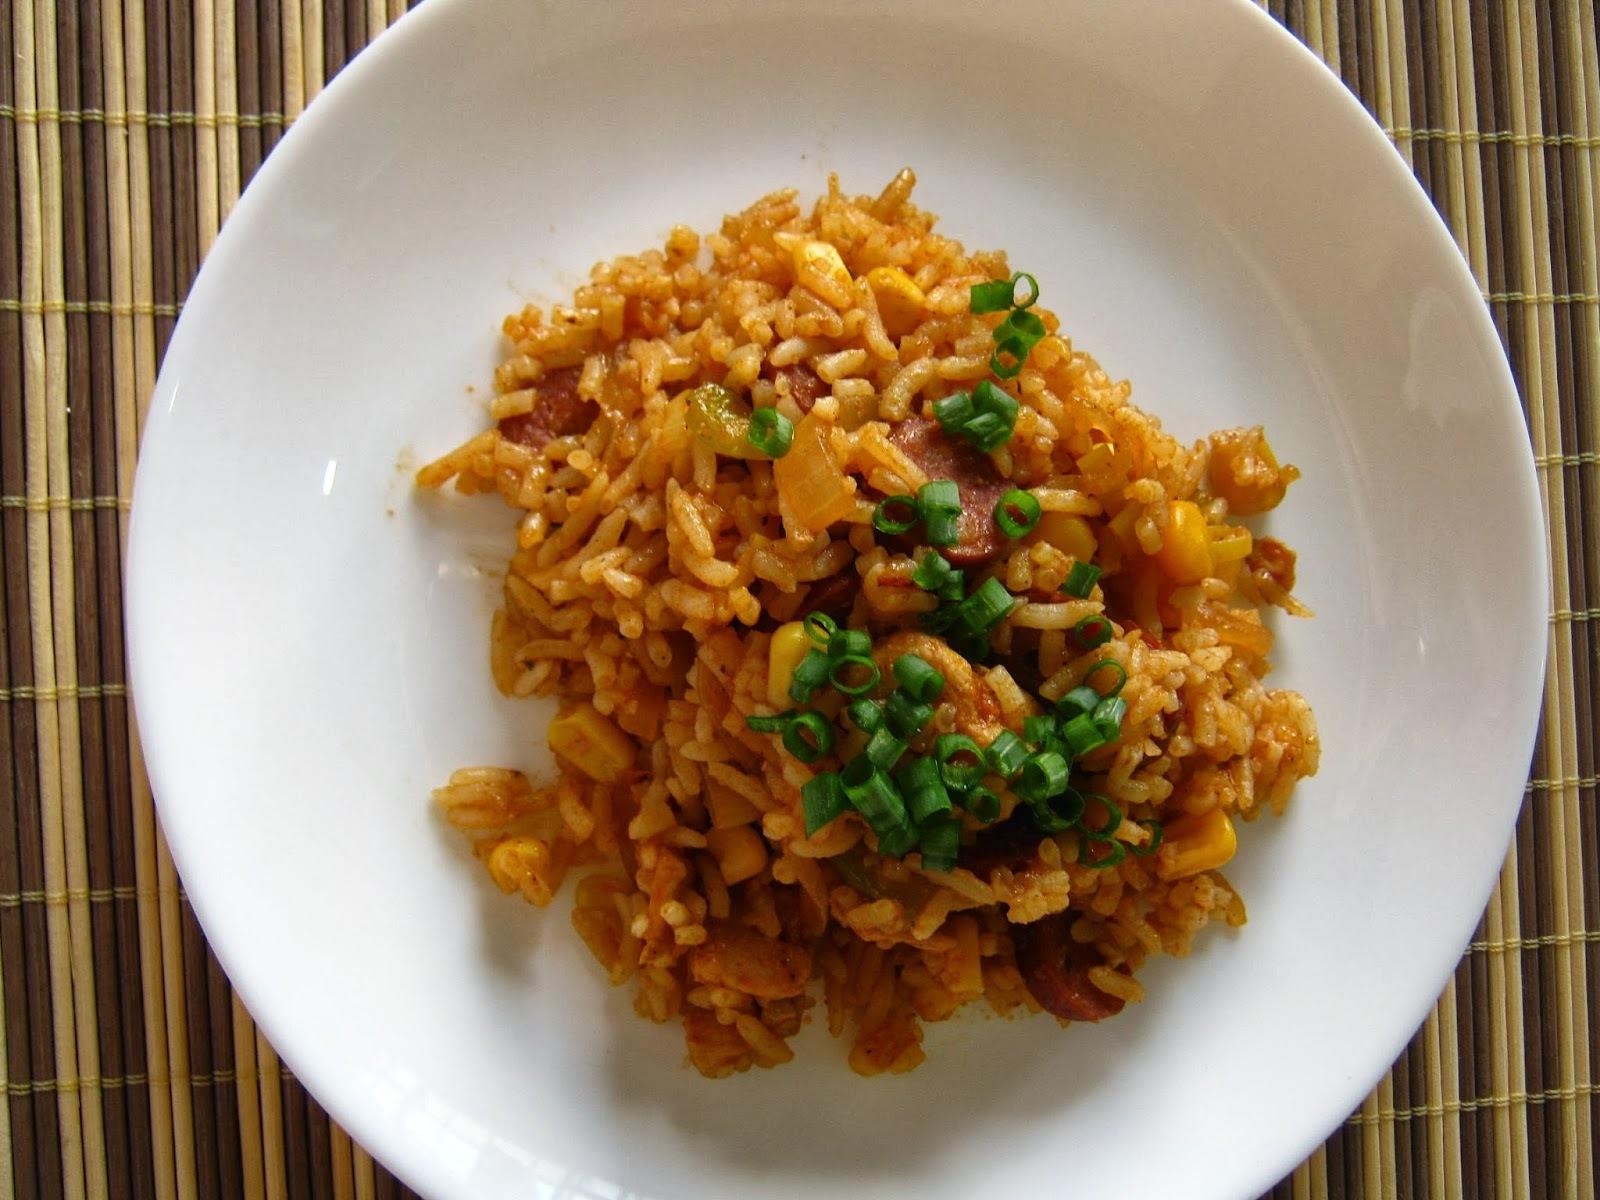 arroz temperado com frango